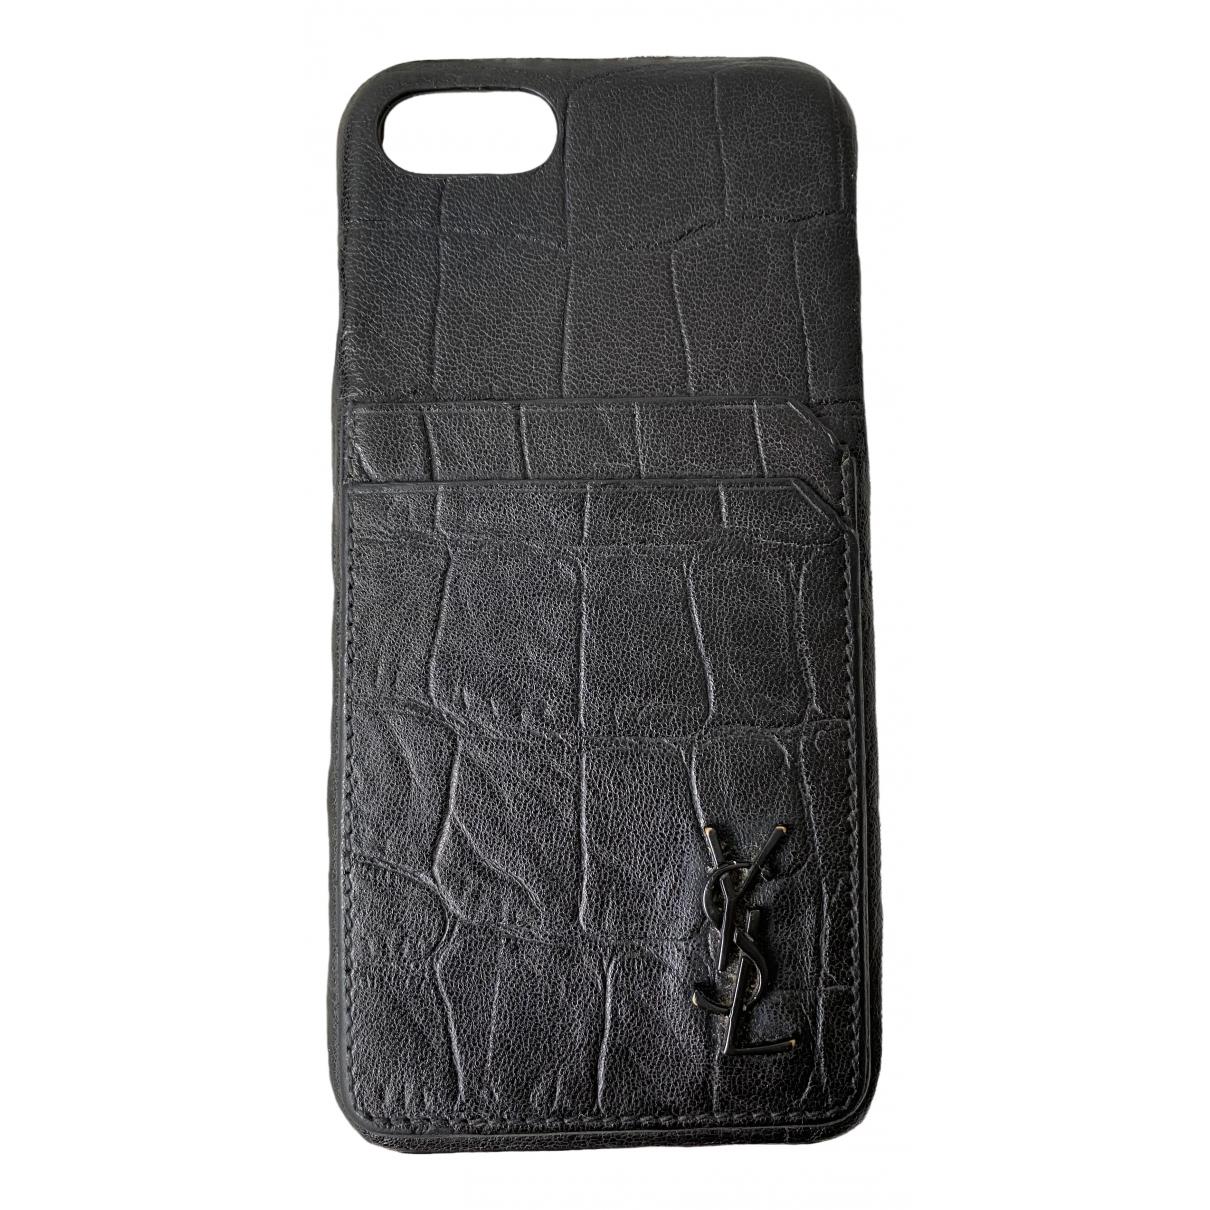 Yves Saint Laurent - Accessoires   pour lifestyle en alligator - noir